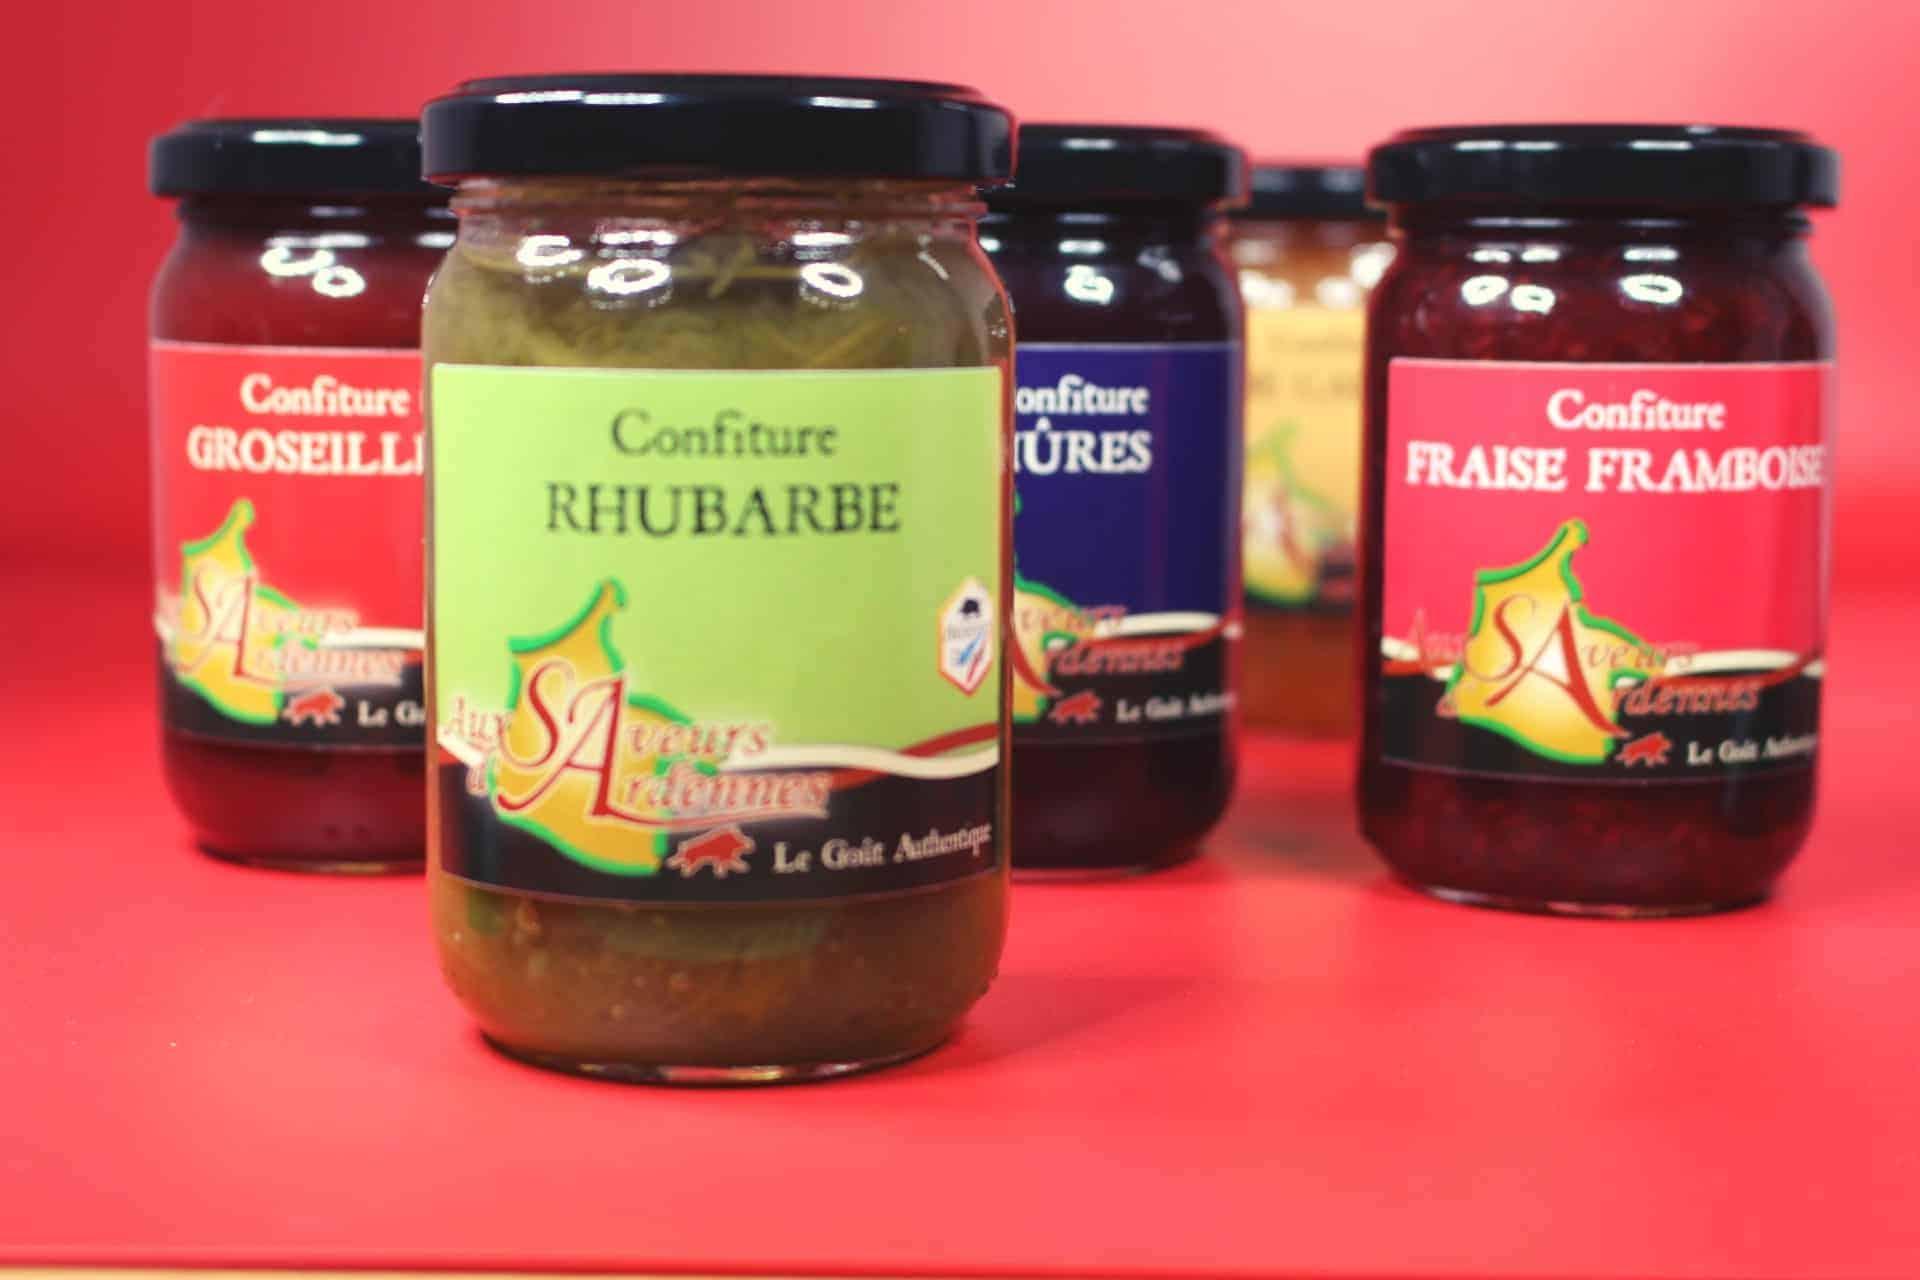 Confitures, Saveurs D'ardennes, Vat, Groseille, Mure, Pomme, Poire, Rhubarbe 2